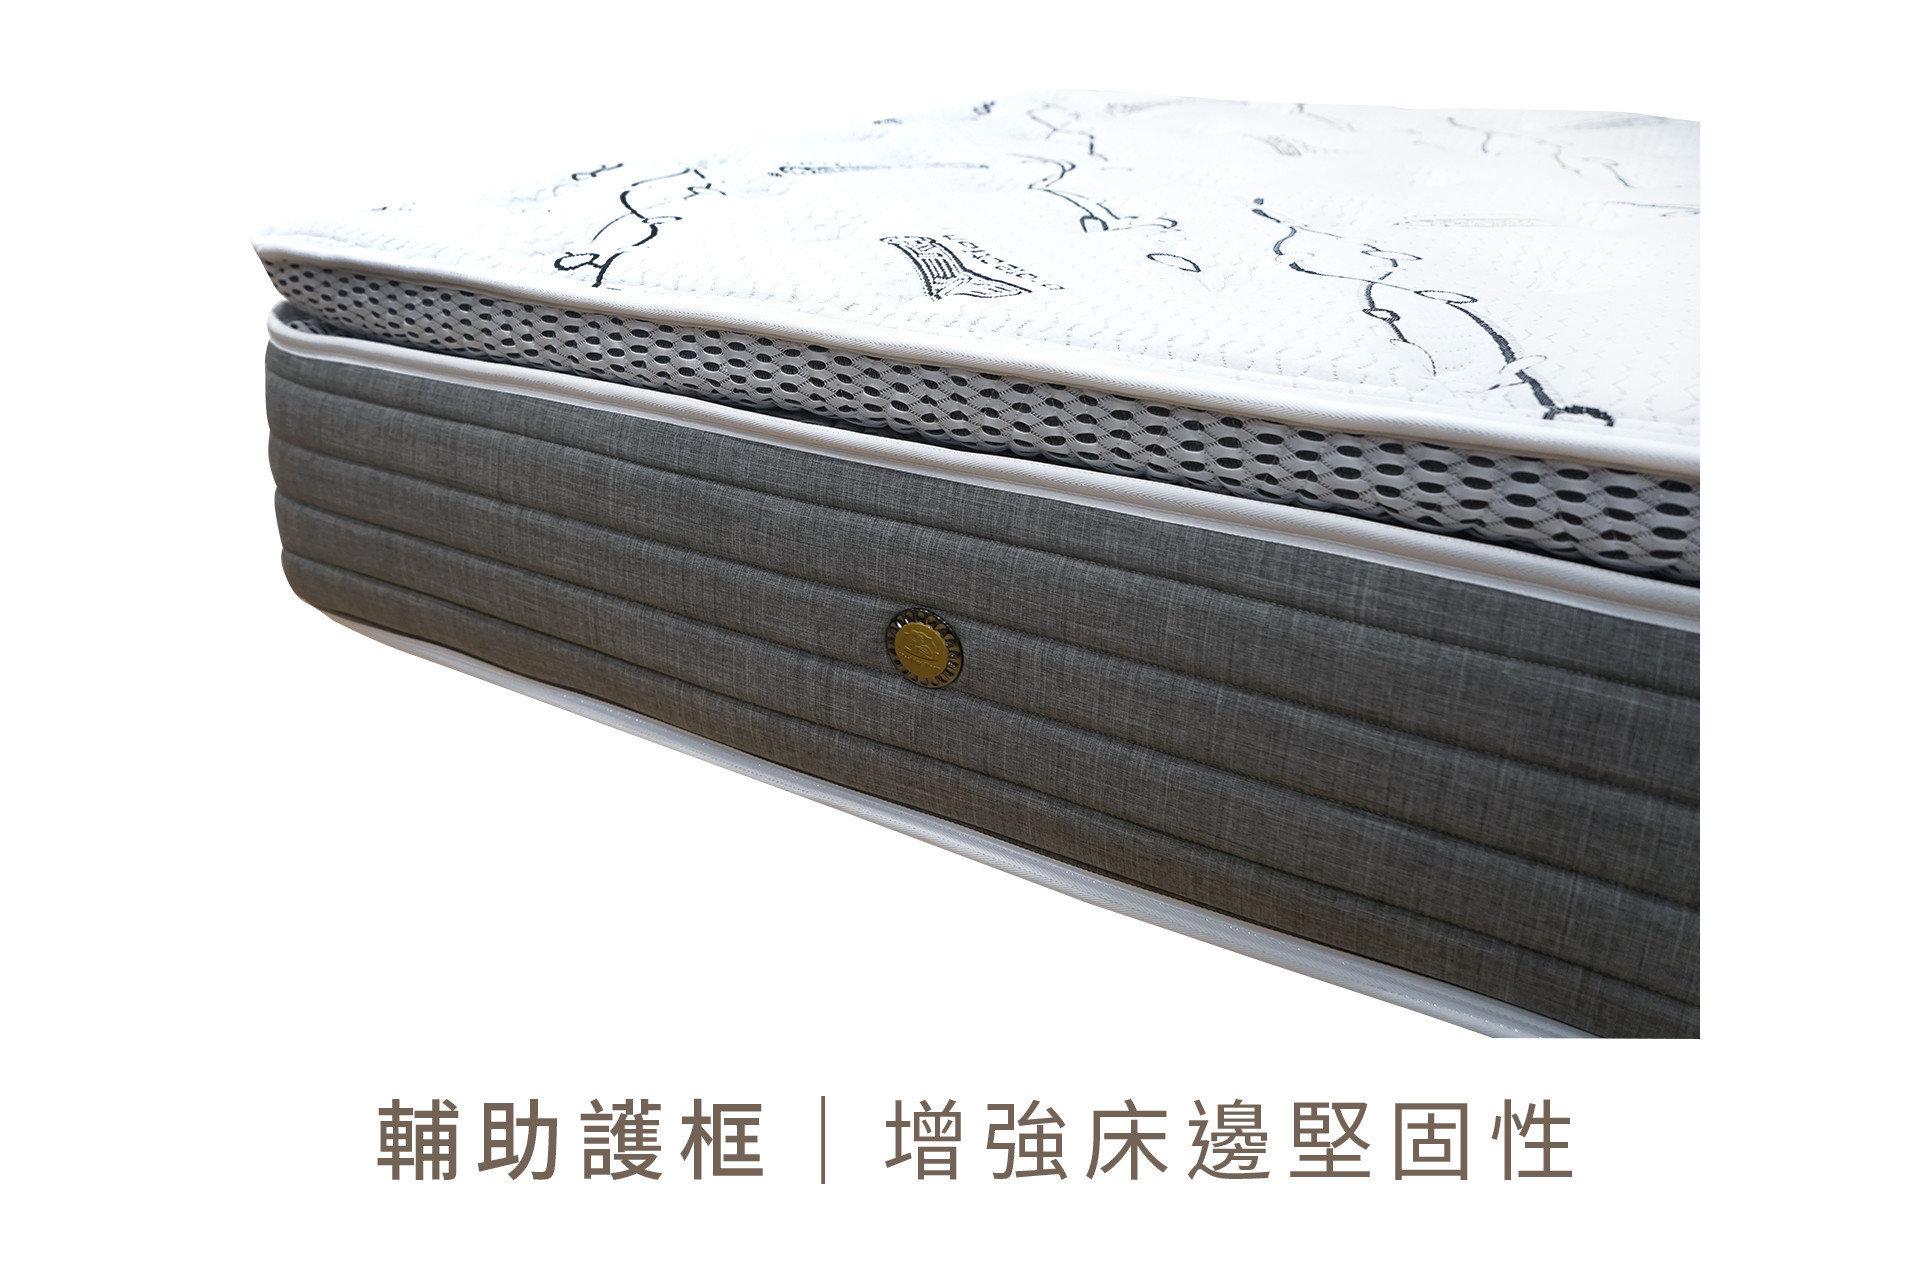 【諾拉 銀離子抗菌床】床沿加裝輔助護框,加強堅固性級安全性!